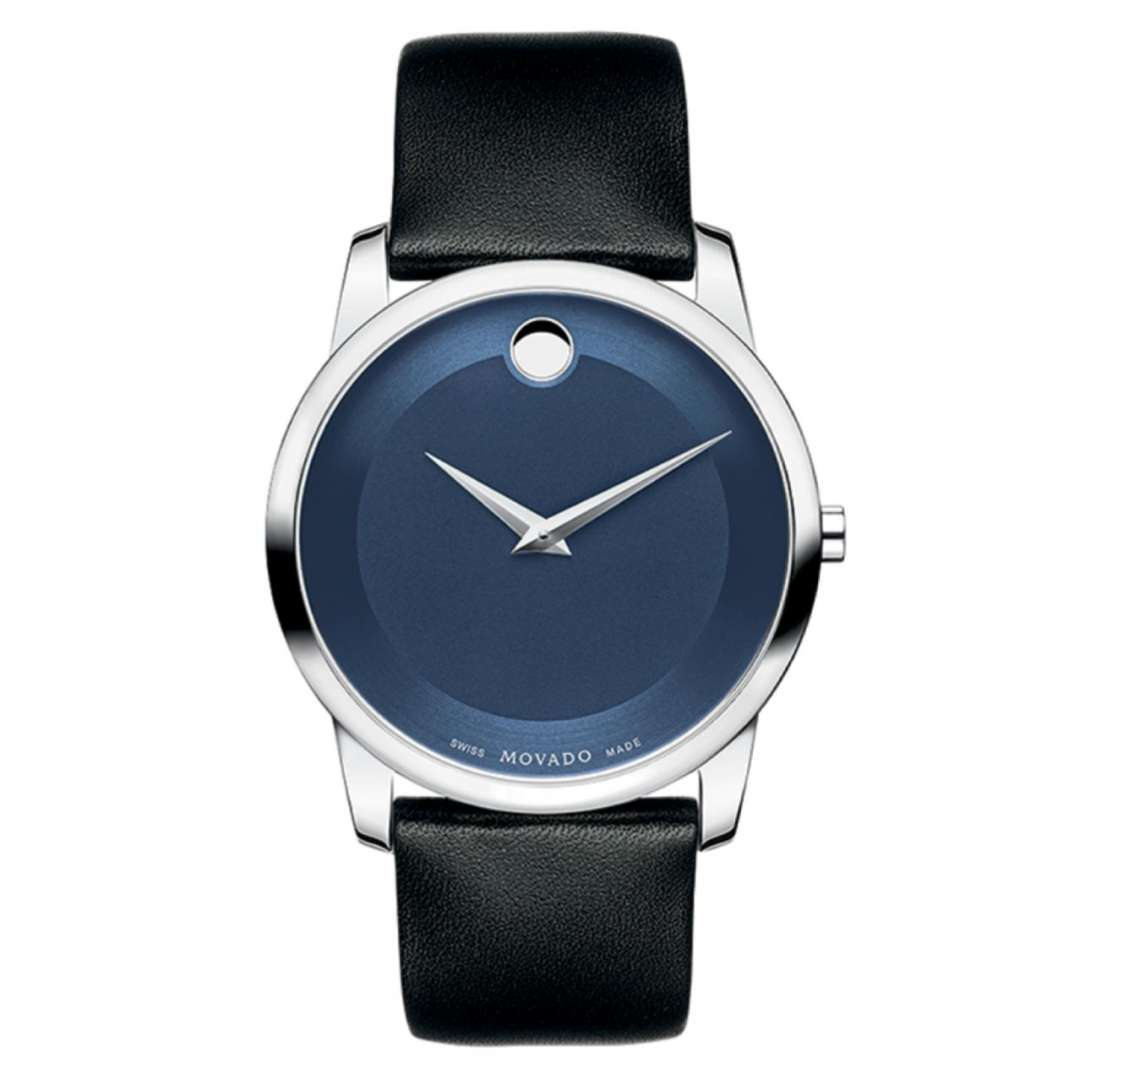 שעון יד אנלוגי 0606610 Movado מובאדו